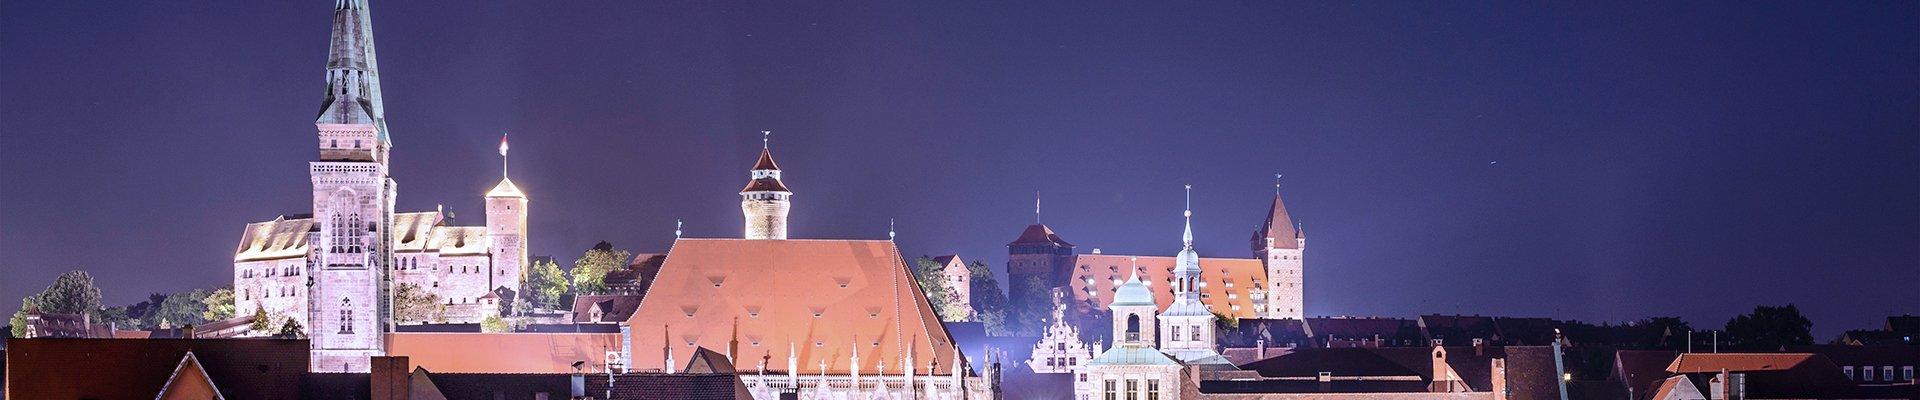 Kanzlei für IT-Recht und Datenschutz in Nürnberg